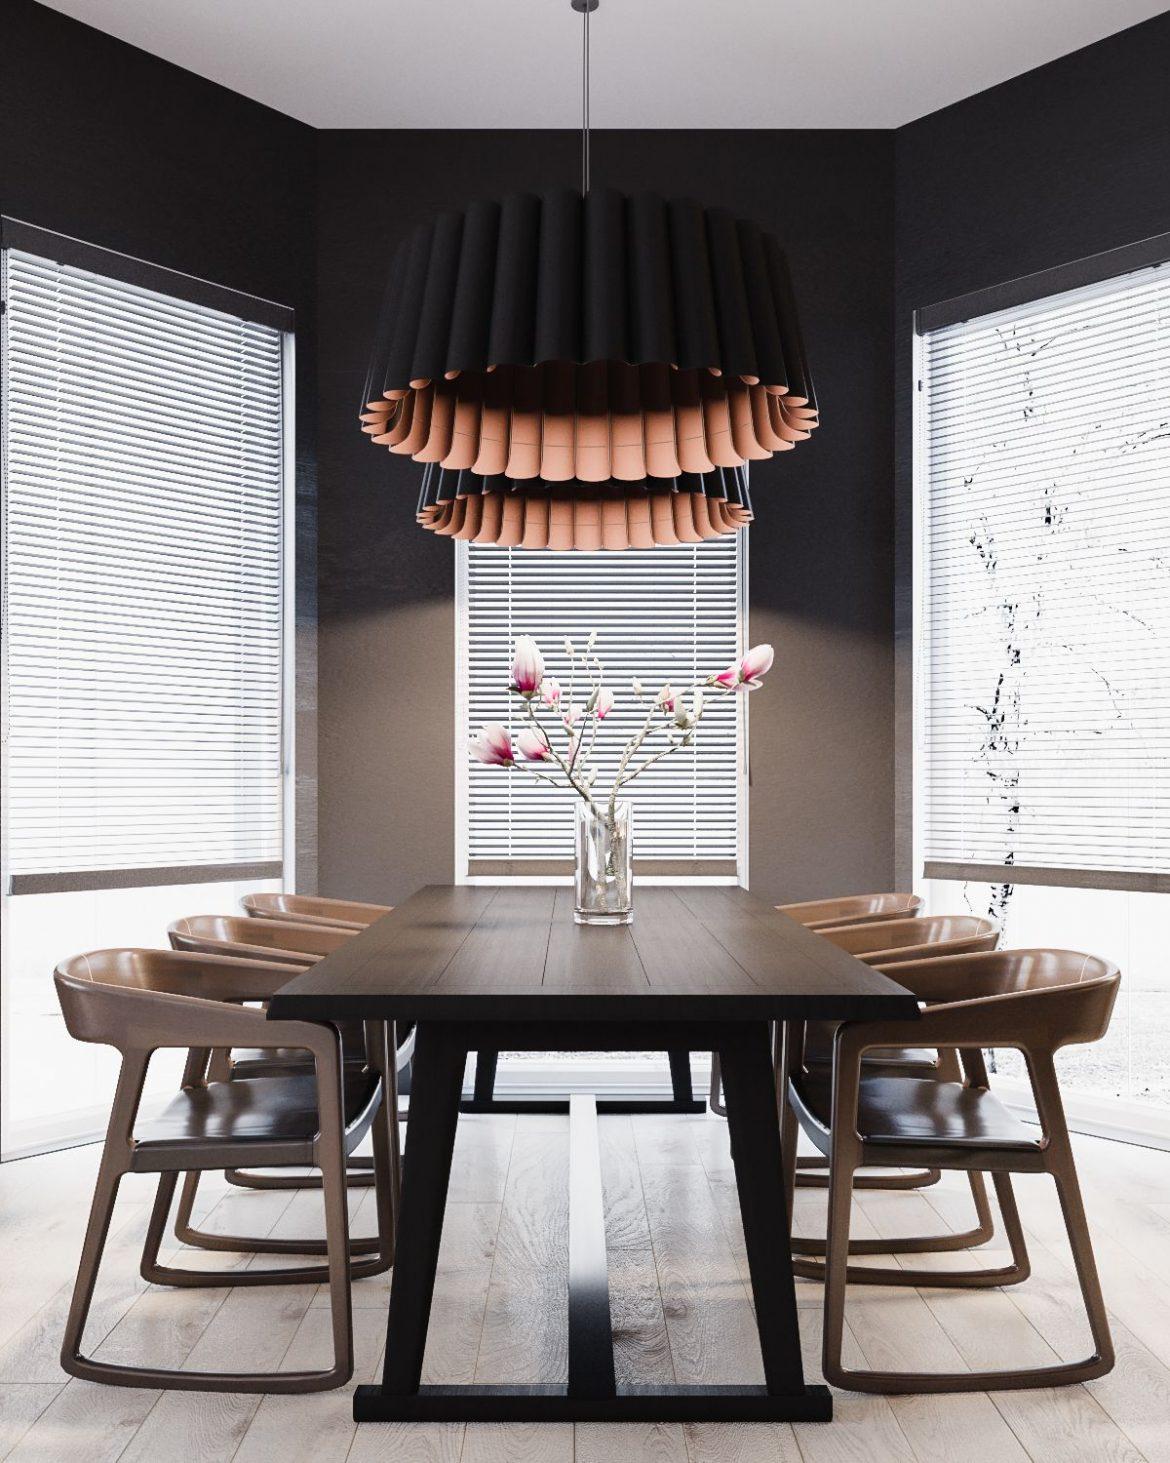 home in ukraine with minimalist b&w designs